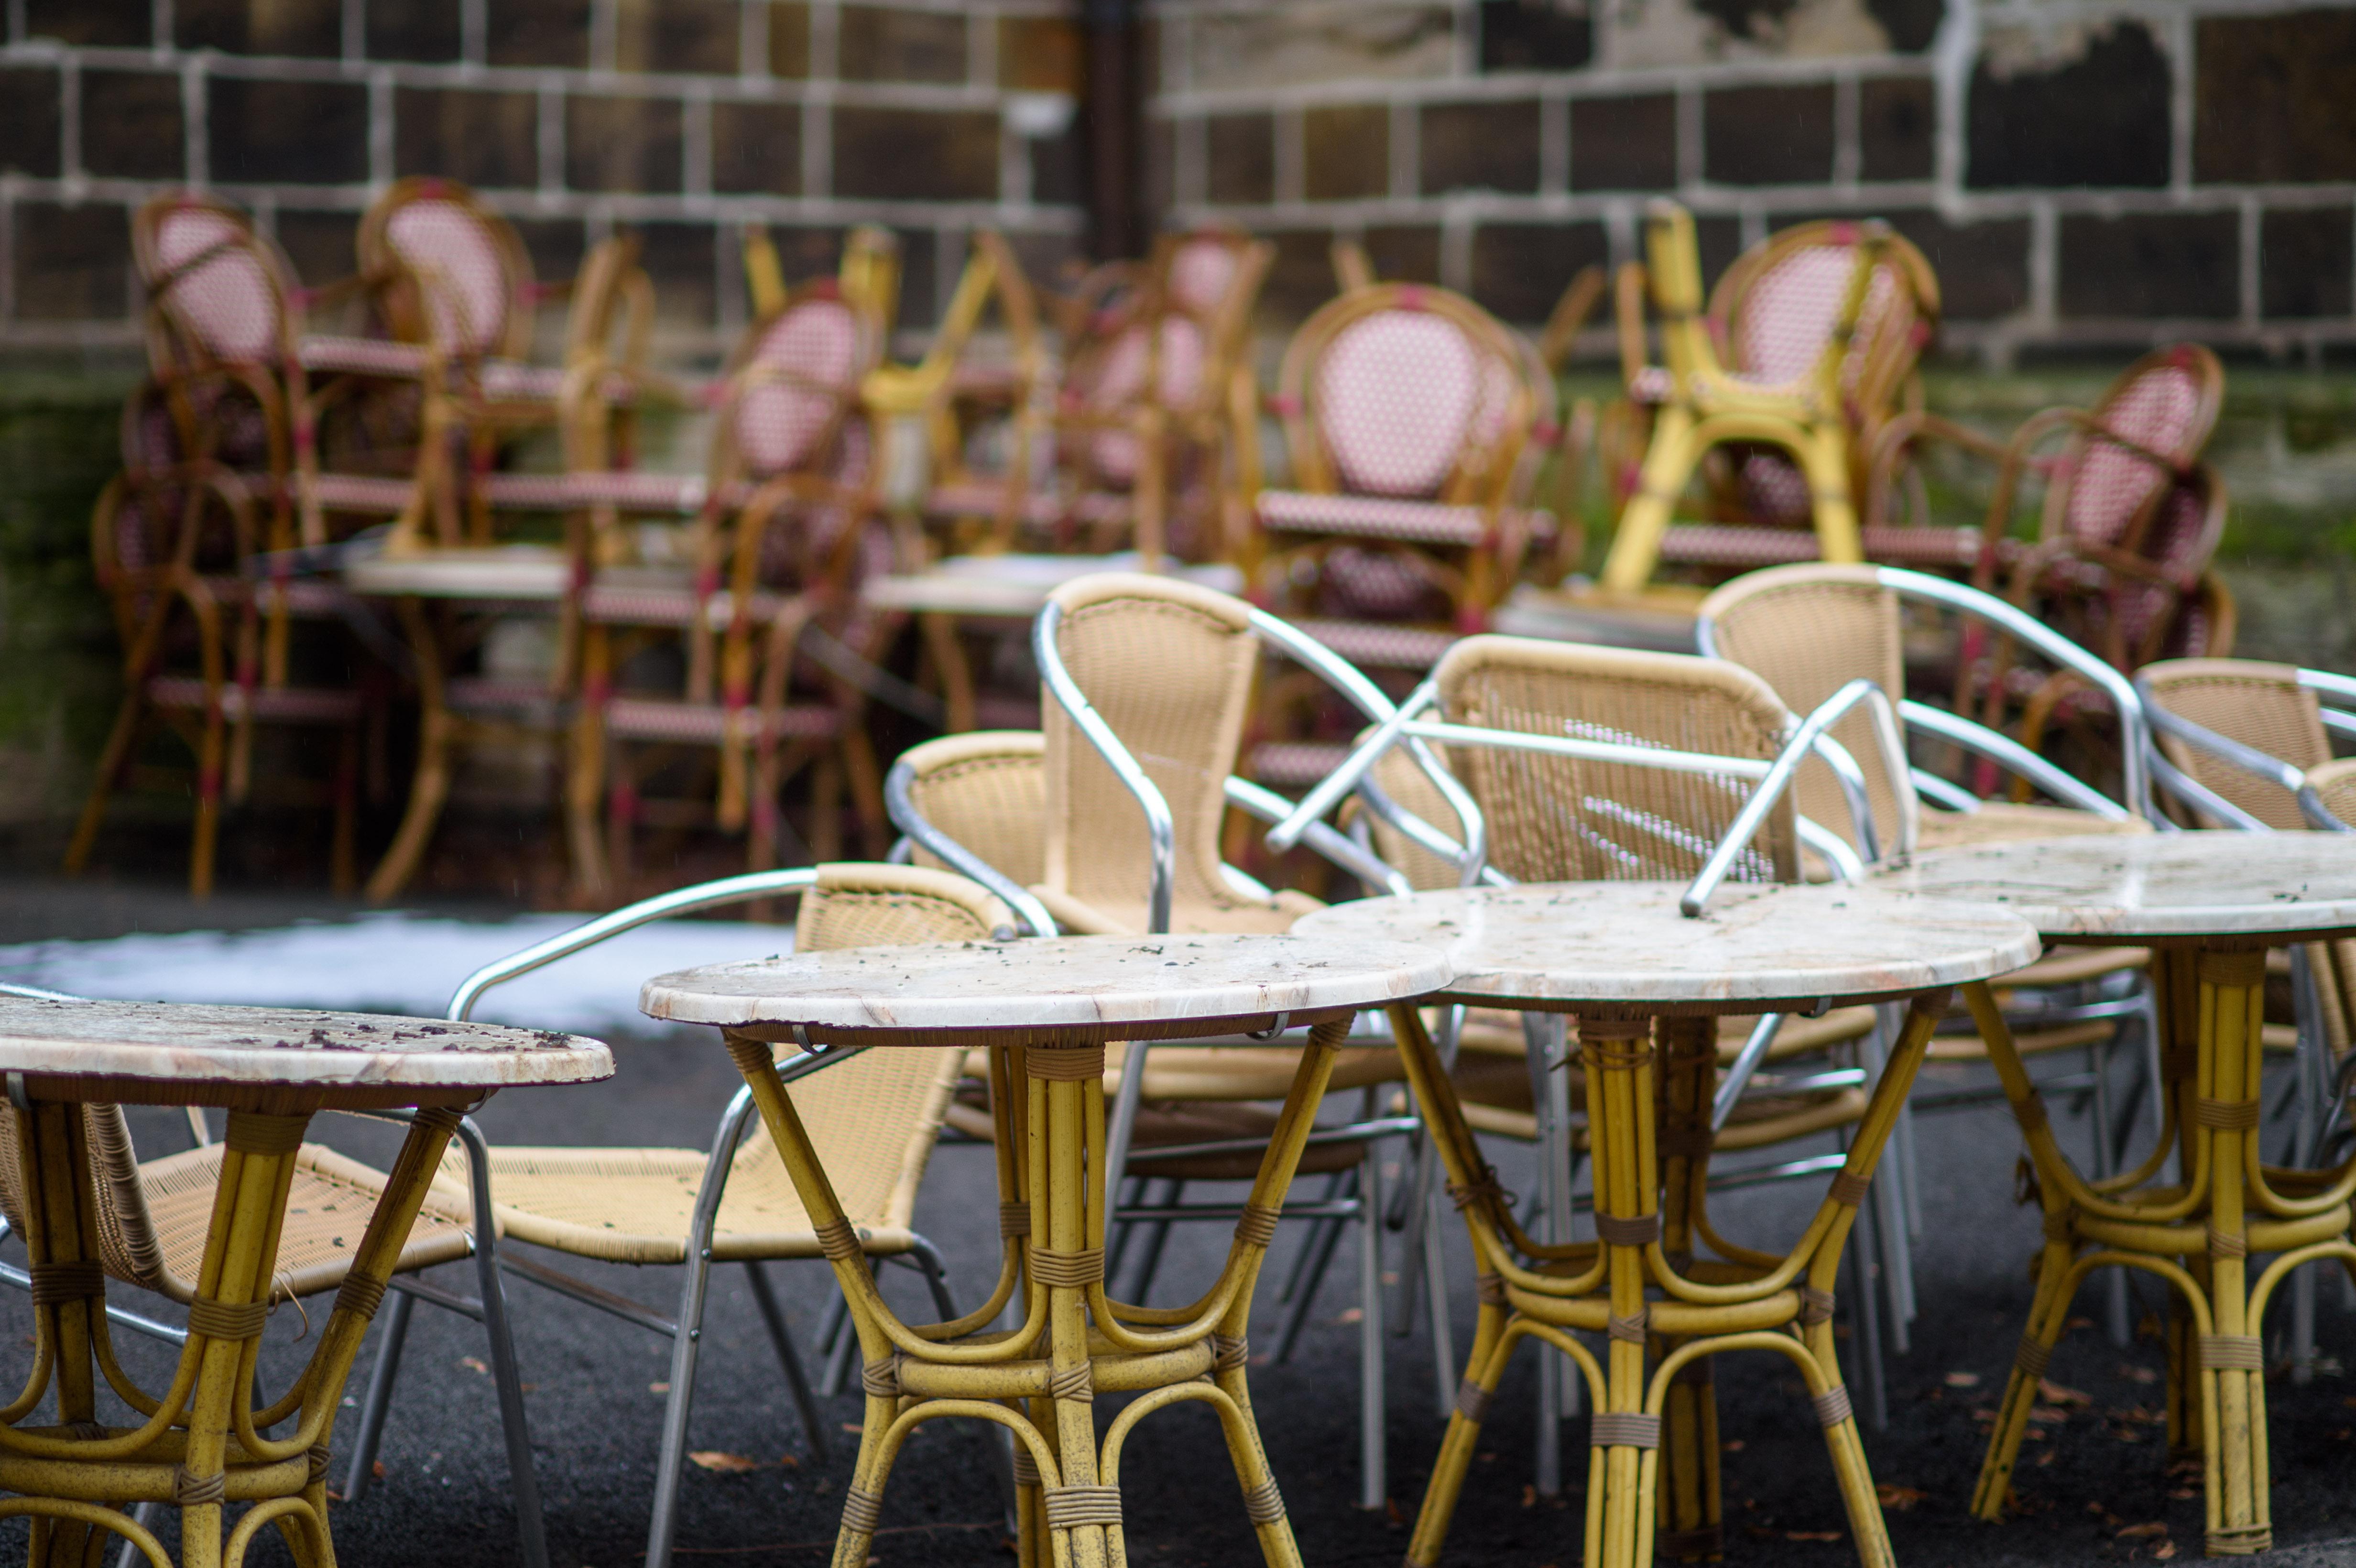 Luxemburgban áprilisban újra kinyithatnak a kávézók és az éttermek